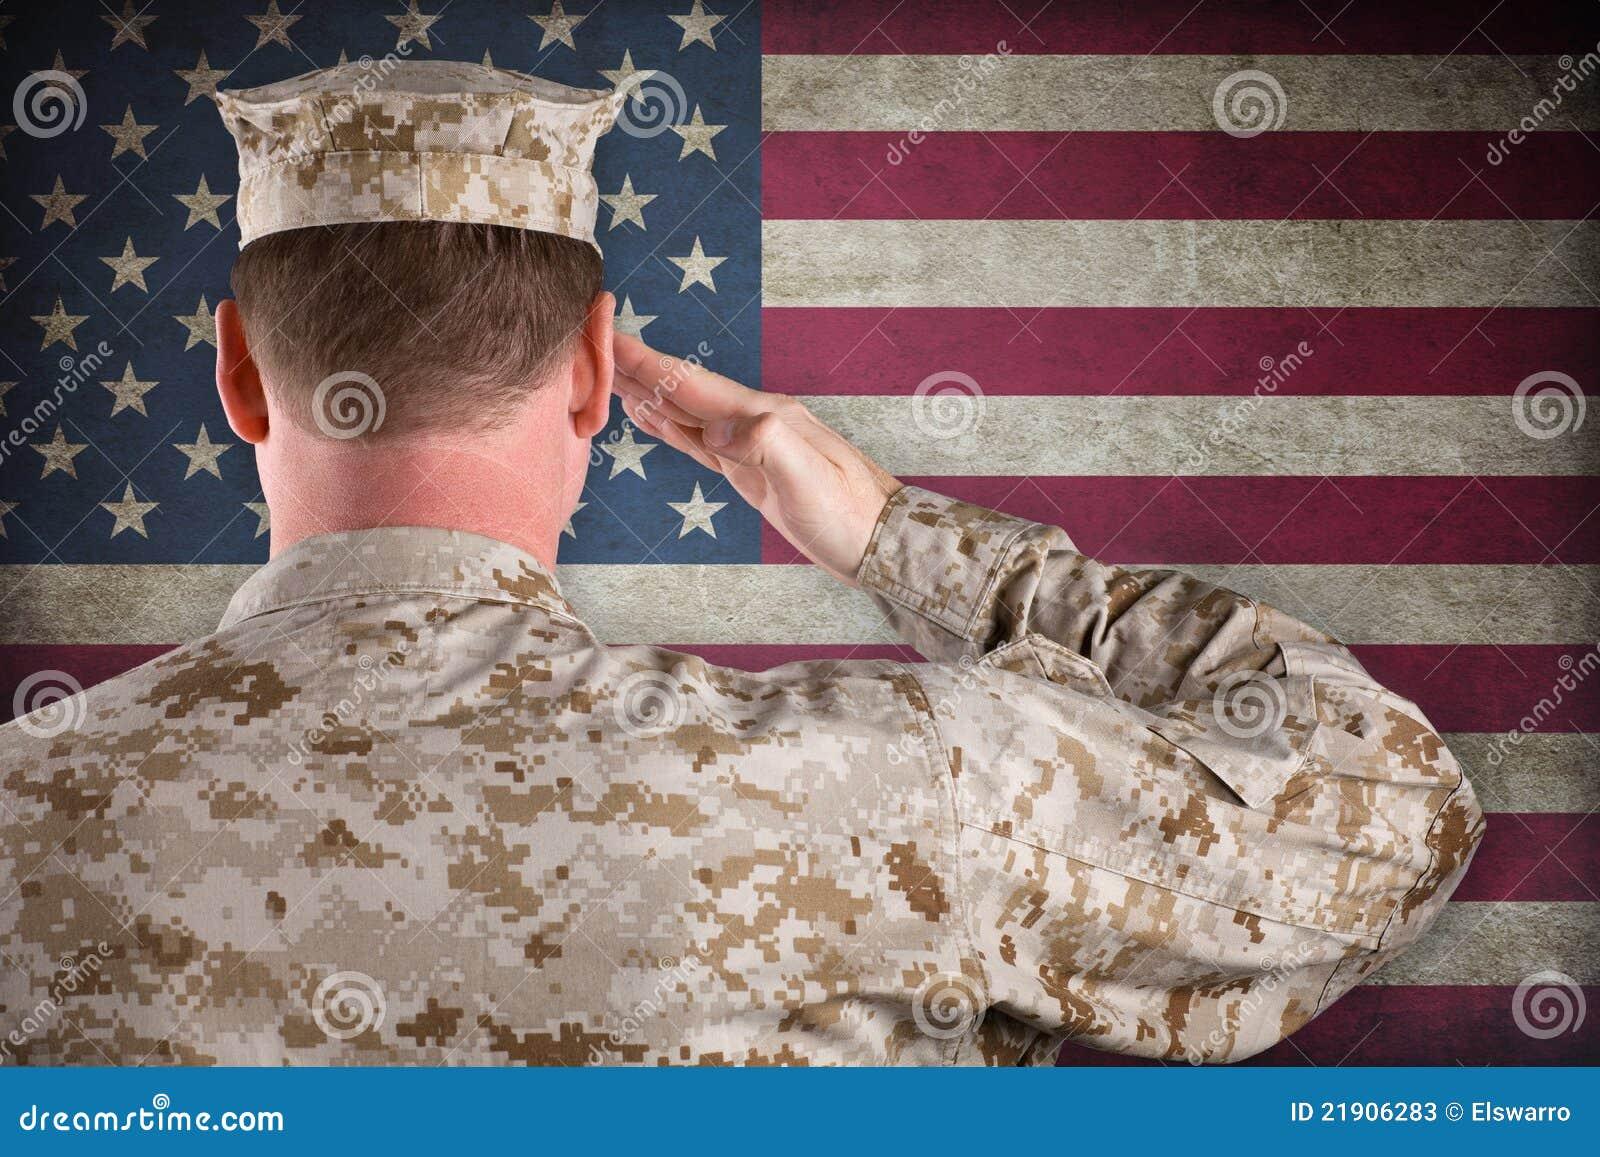 Marine die een Amerikaanse Vlag groet